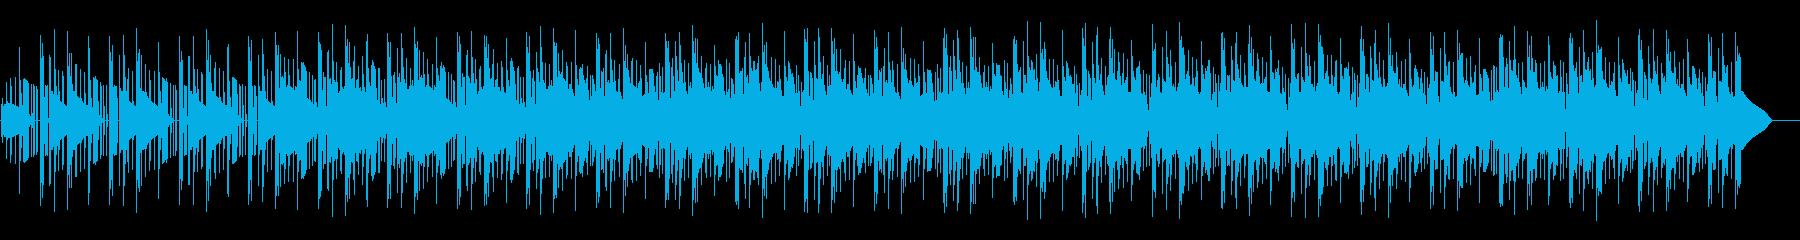 ヒップホップなトラップビートの再生済みの波形